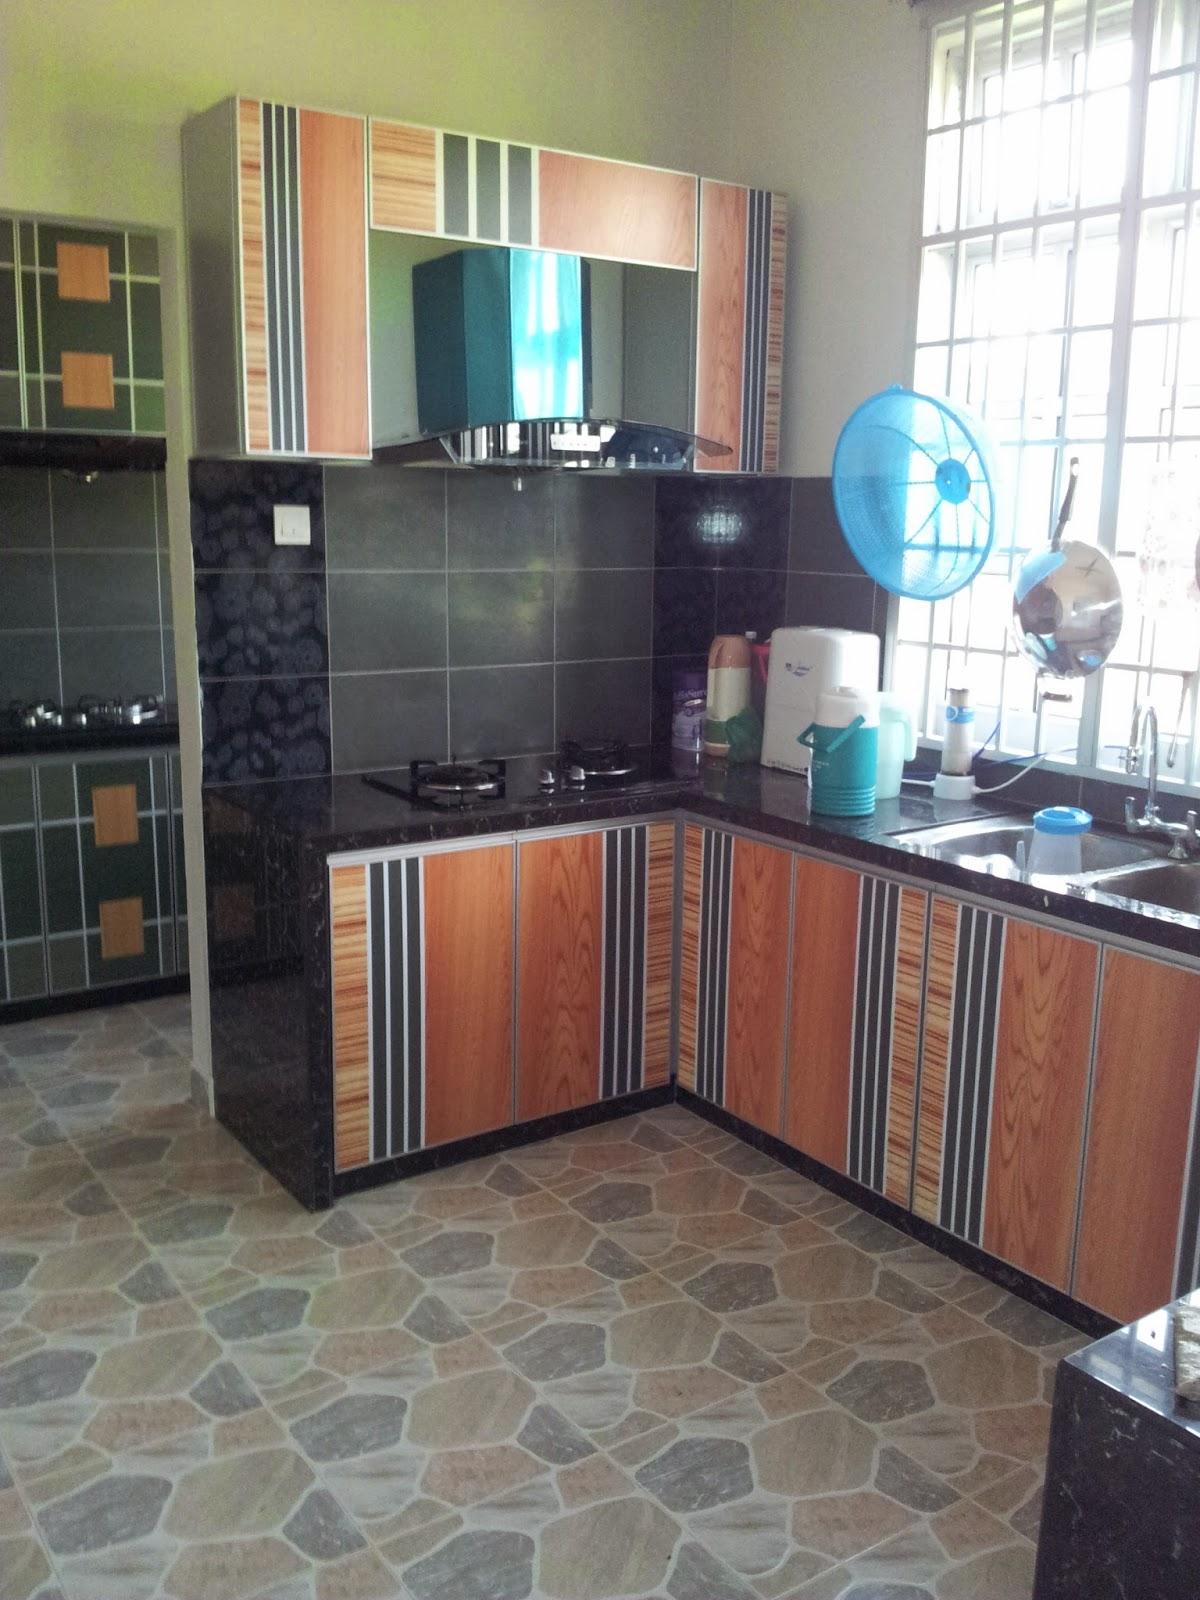 Kabinet Dapur Kering Dan Basah Desainrumahid